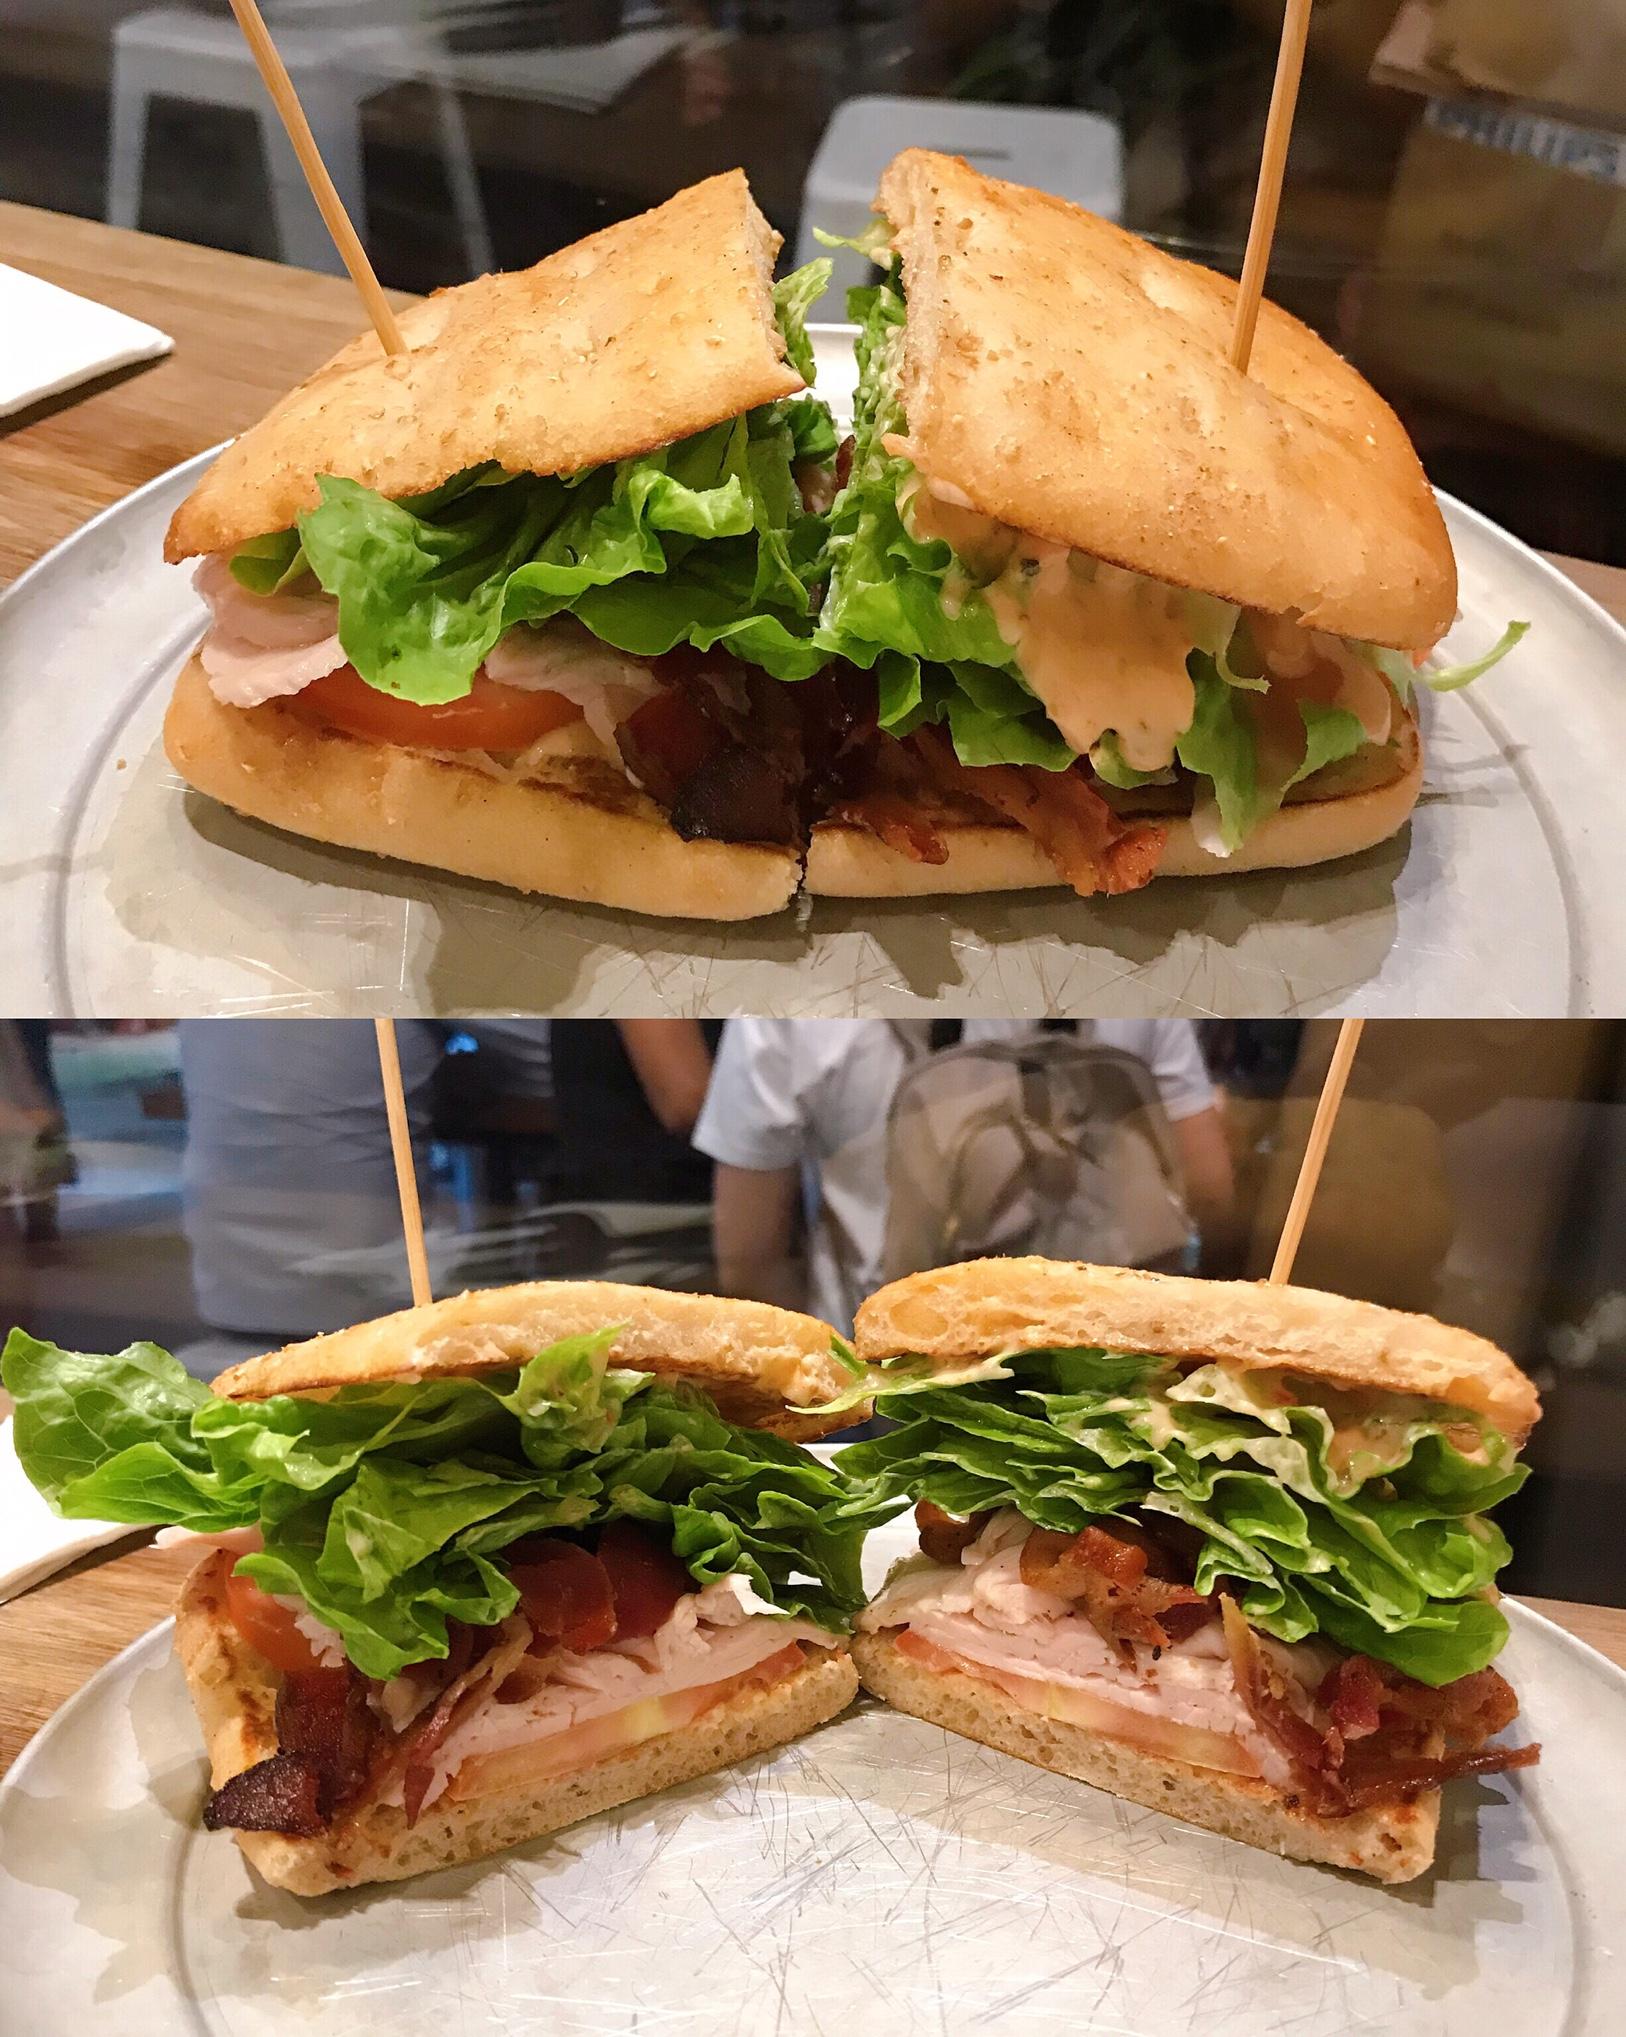 🧁Pastry • Tart • Sandwich • Bread • Street Eats